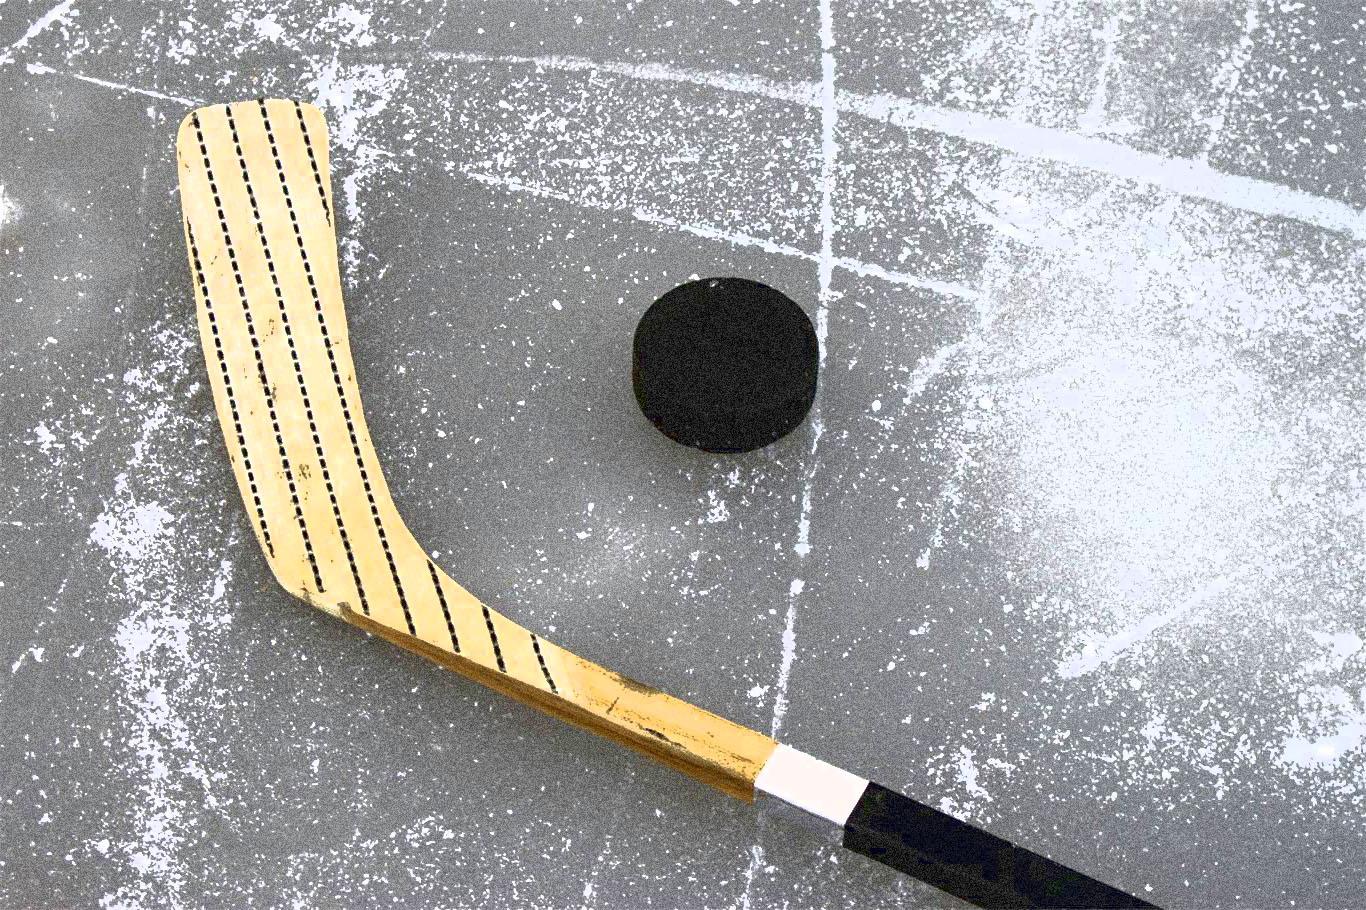 как выбрать, хоккейную, клюшку, для хоккея, выбор, хвата, клюшки, по росту